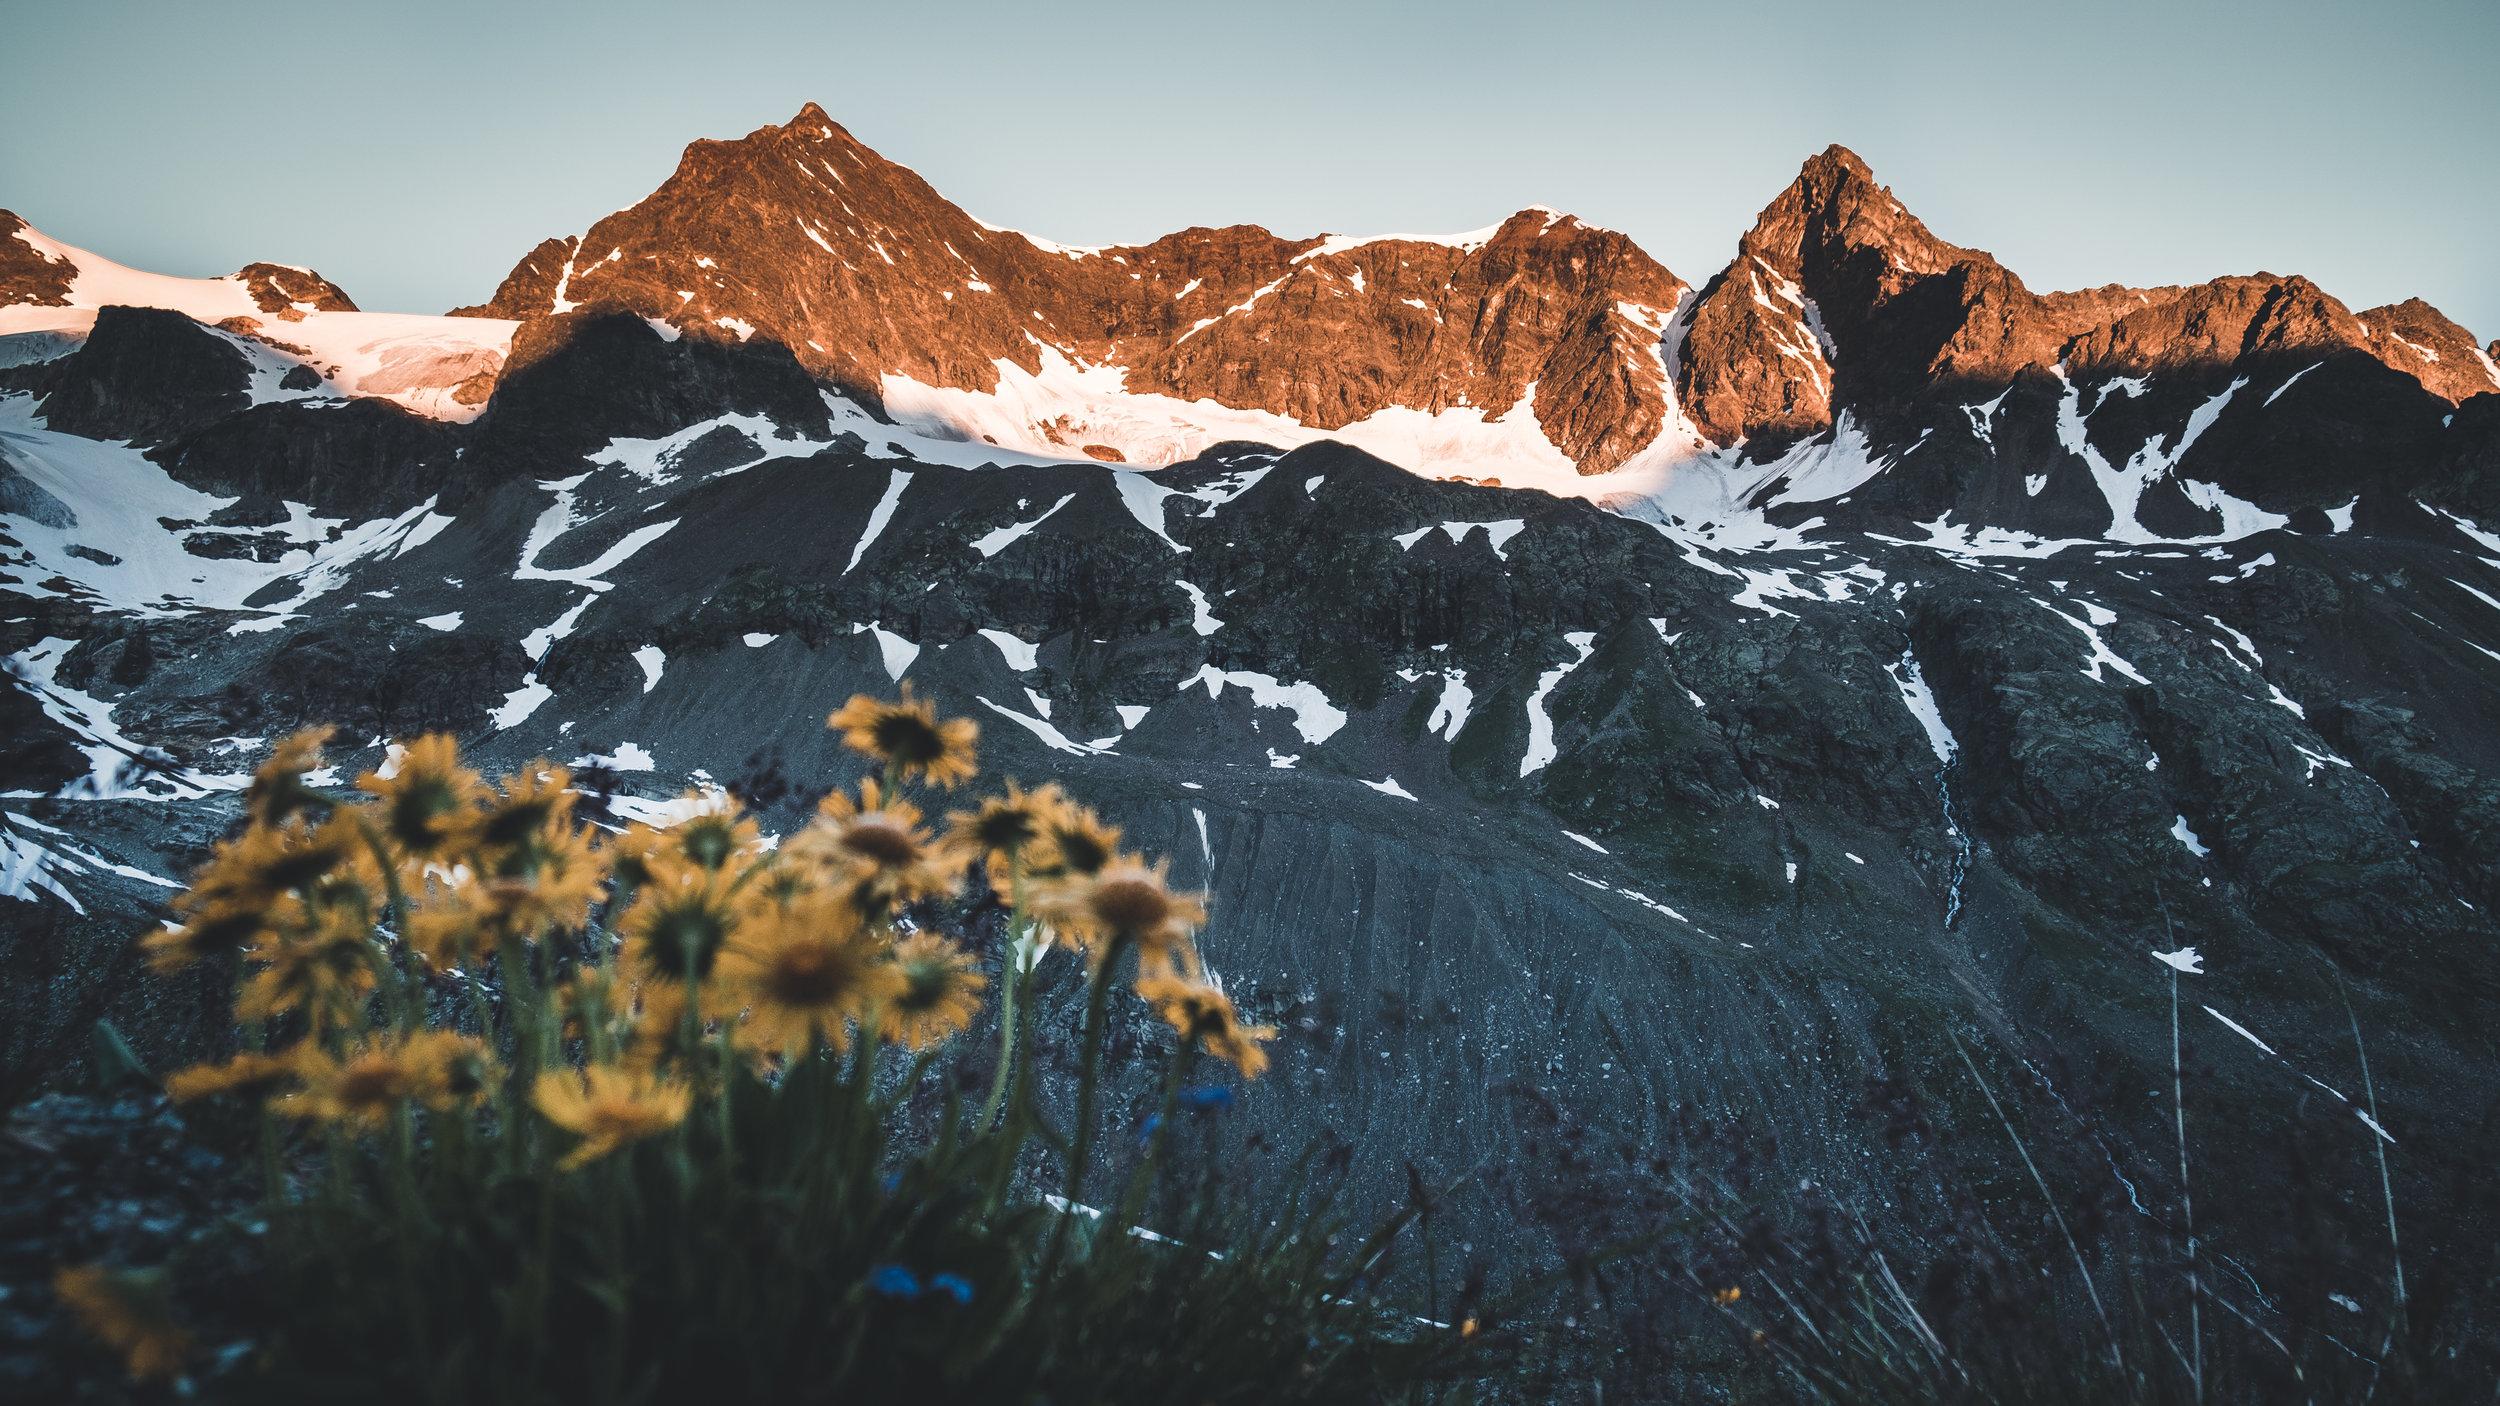 Sonnenaufgang an Silvrettahorn und Schneeglocke